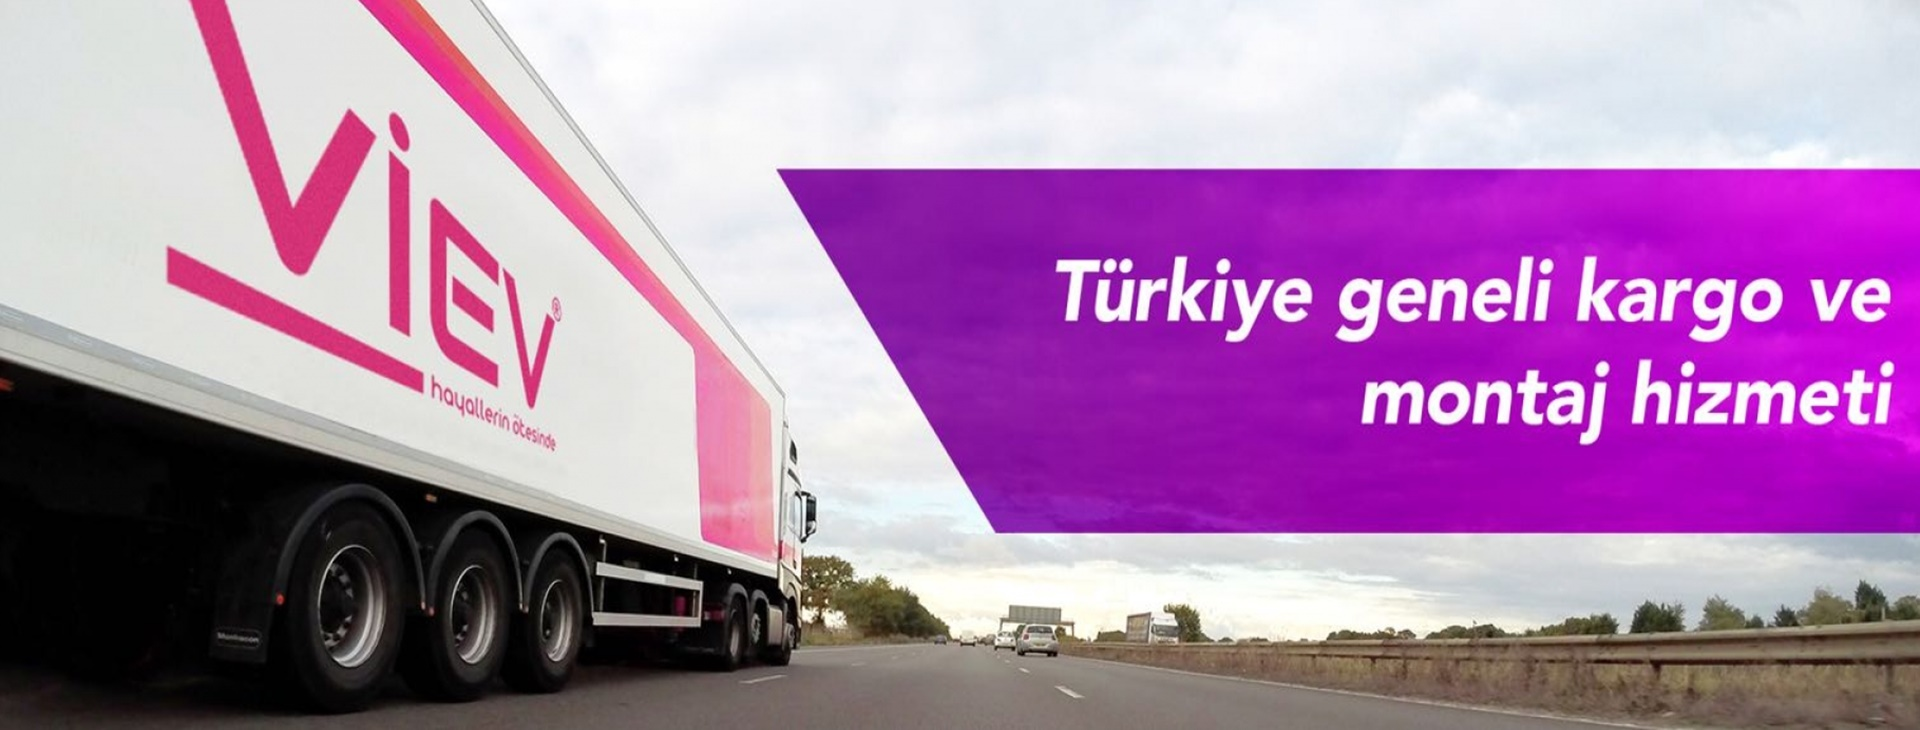 Tüm Türkiye'ye Kargo İmkanı